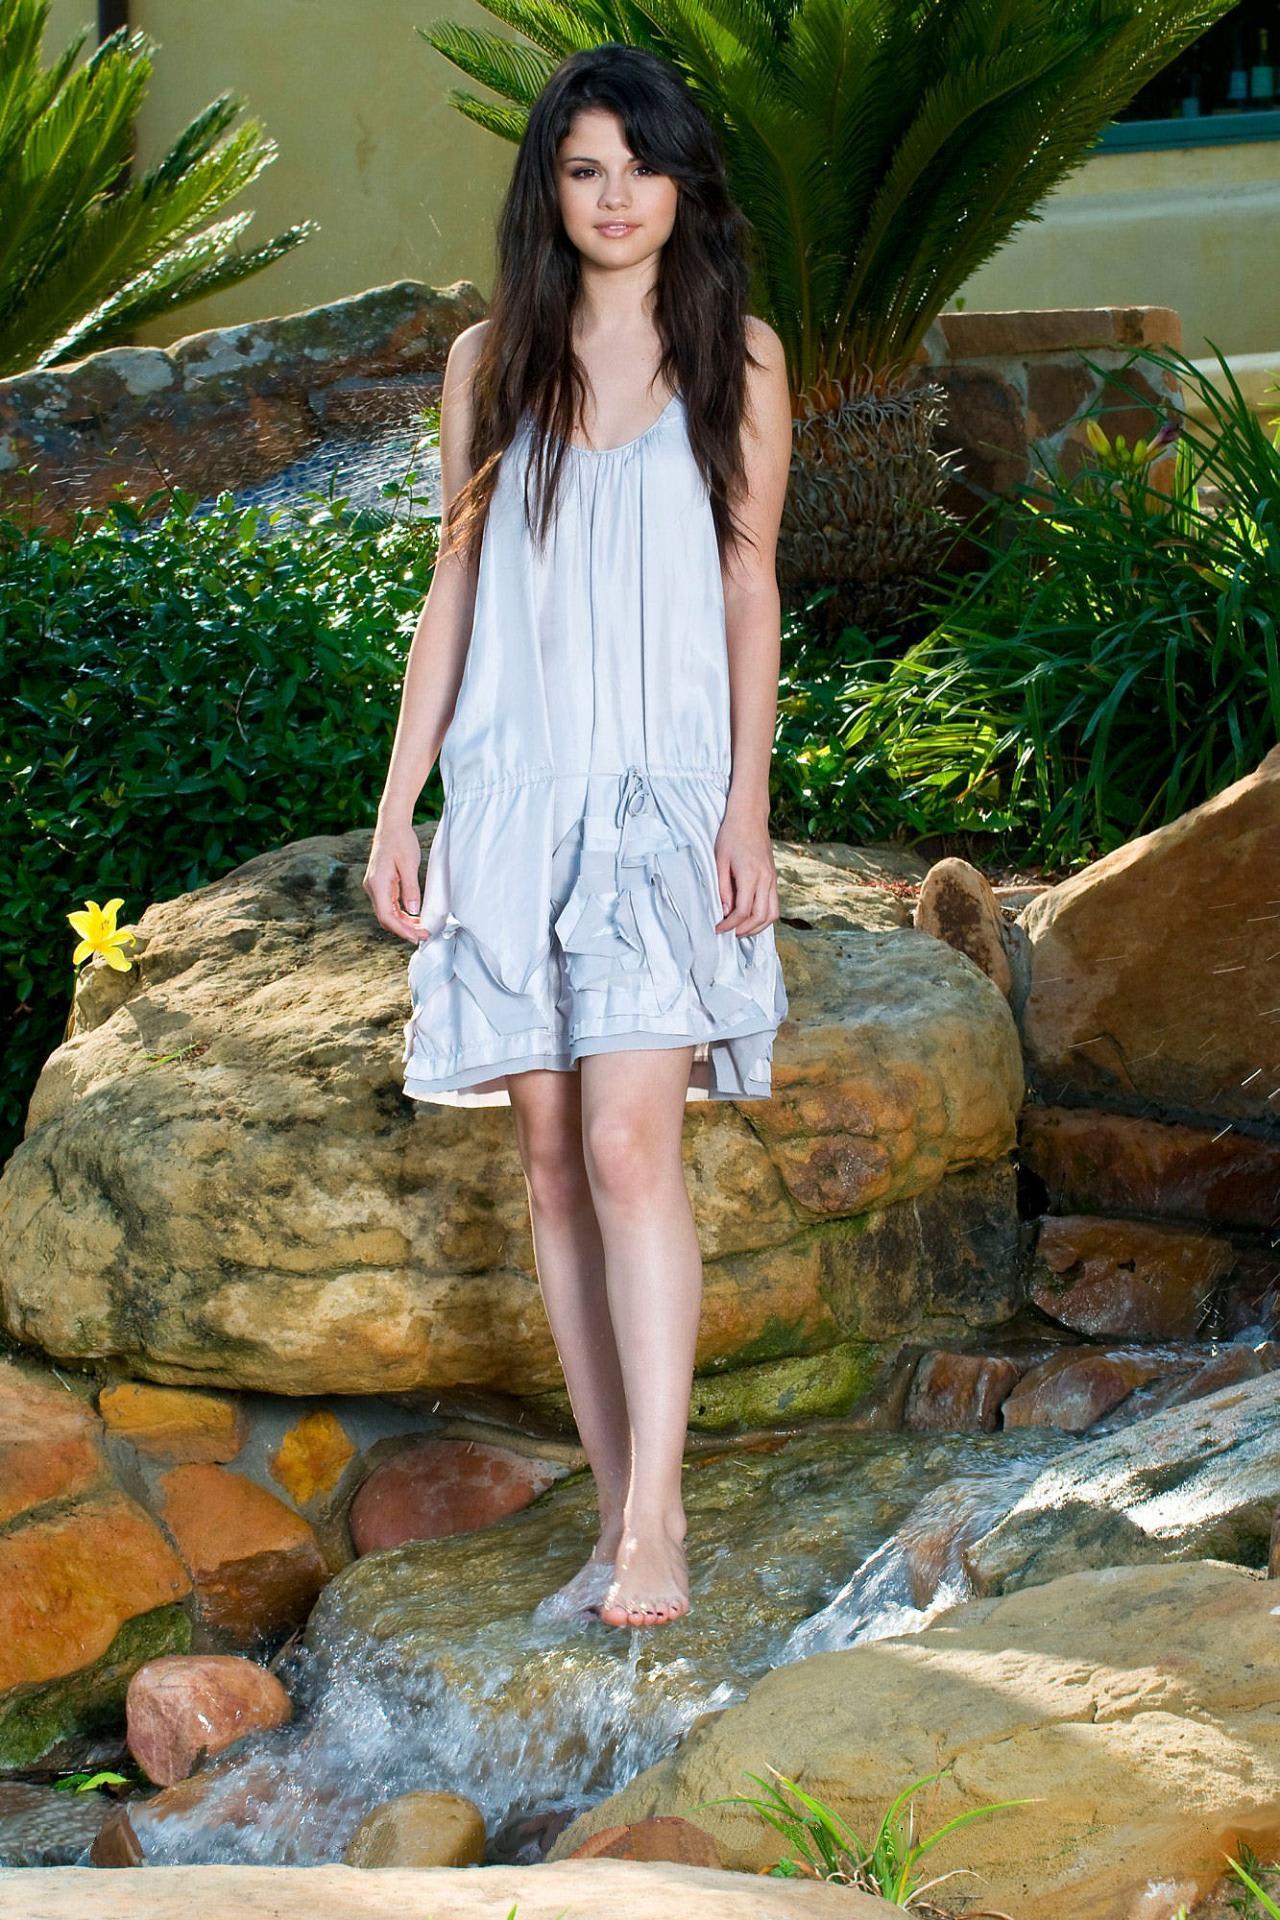 Selena Gomez - Dkny Beach House Photo Shoot 1 -6311